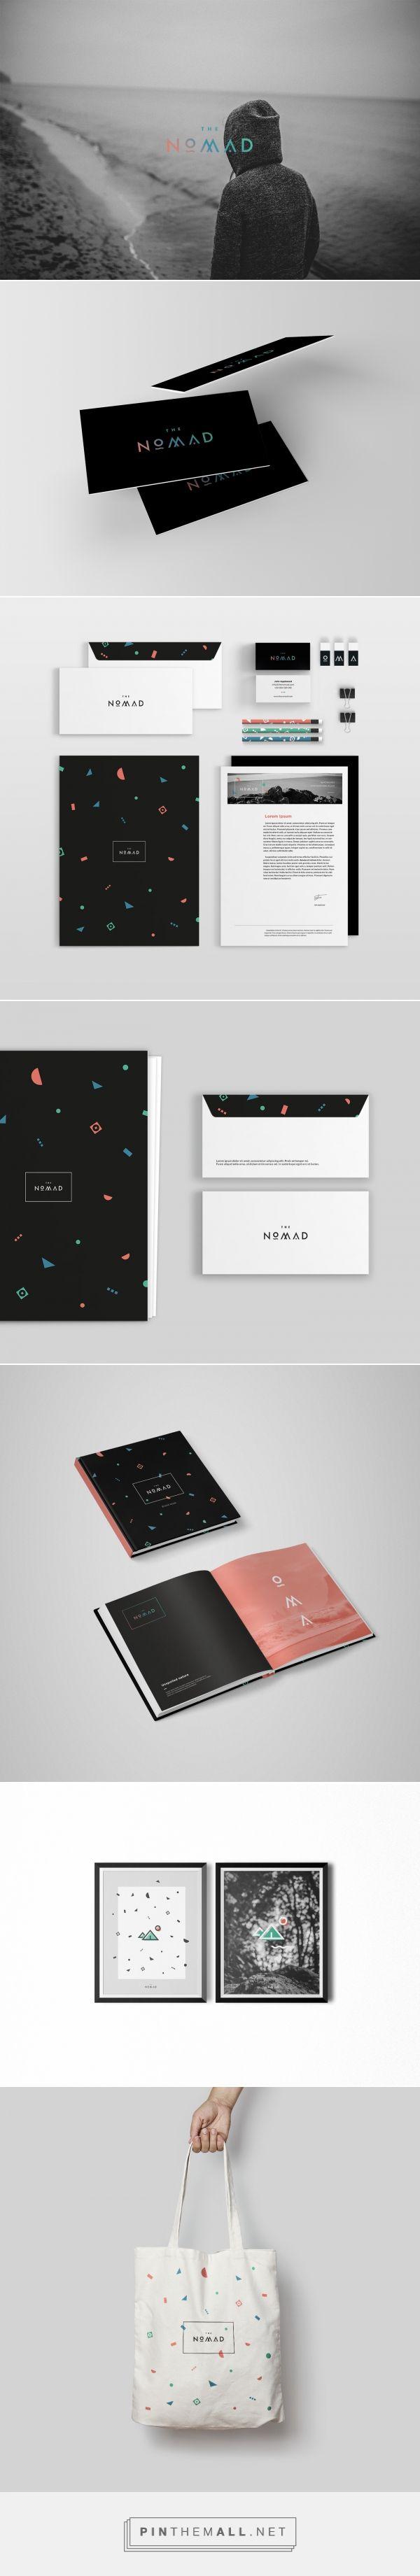 The Nomad   Branding on Behance    Fivestar Branding – Design and Branding Agency & Inspiration Gallery